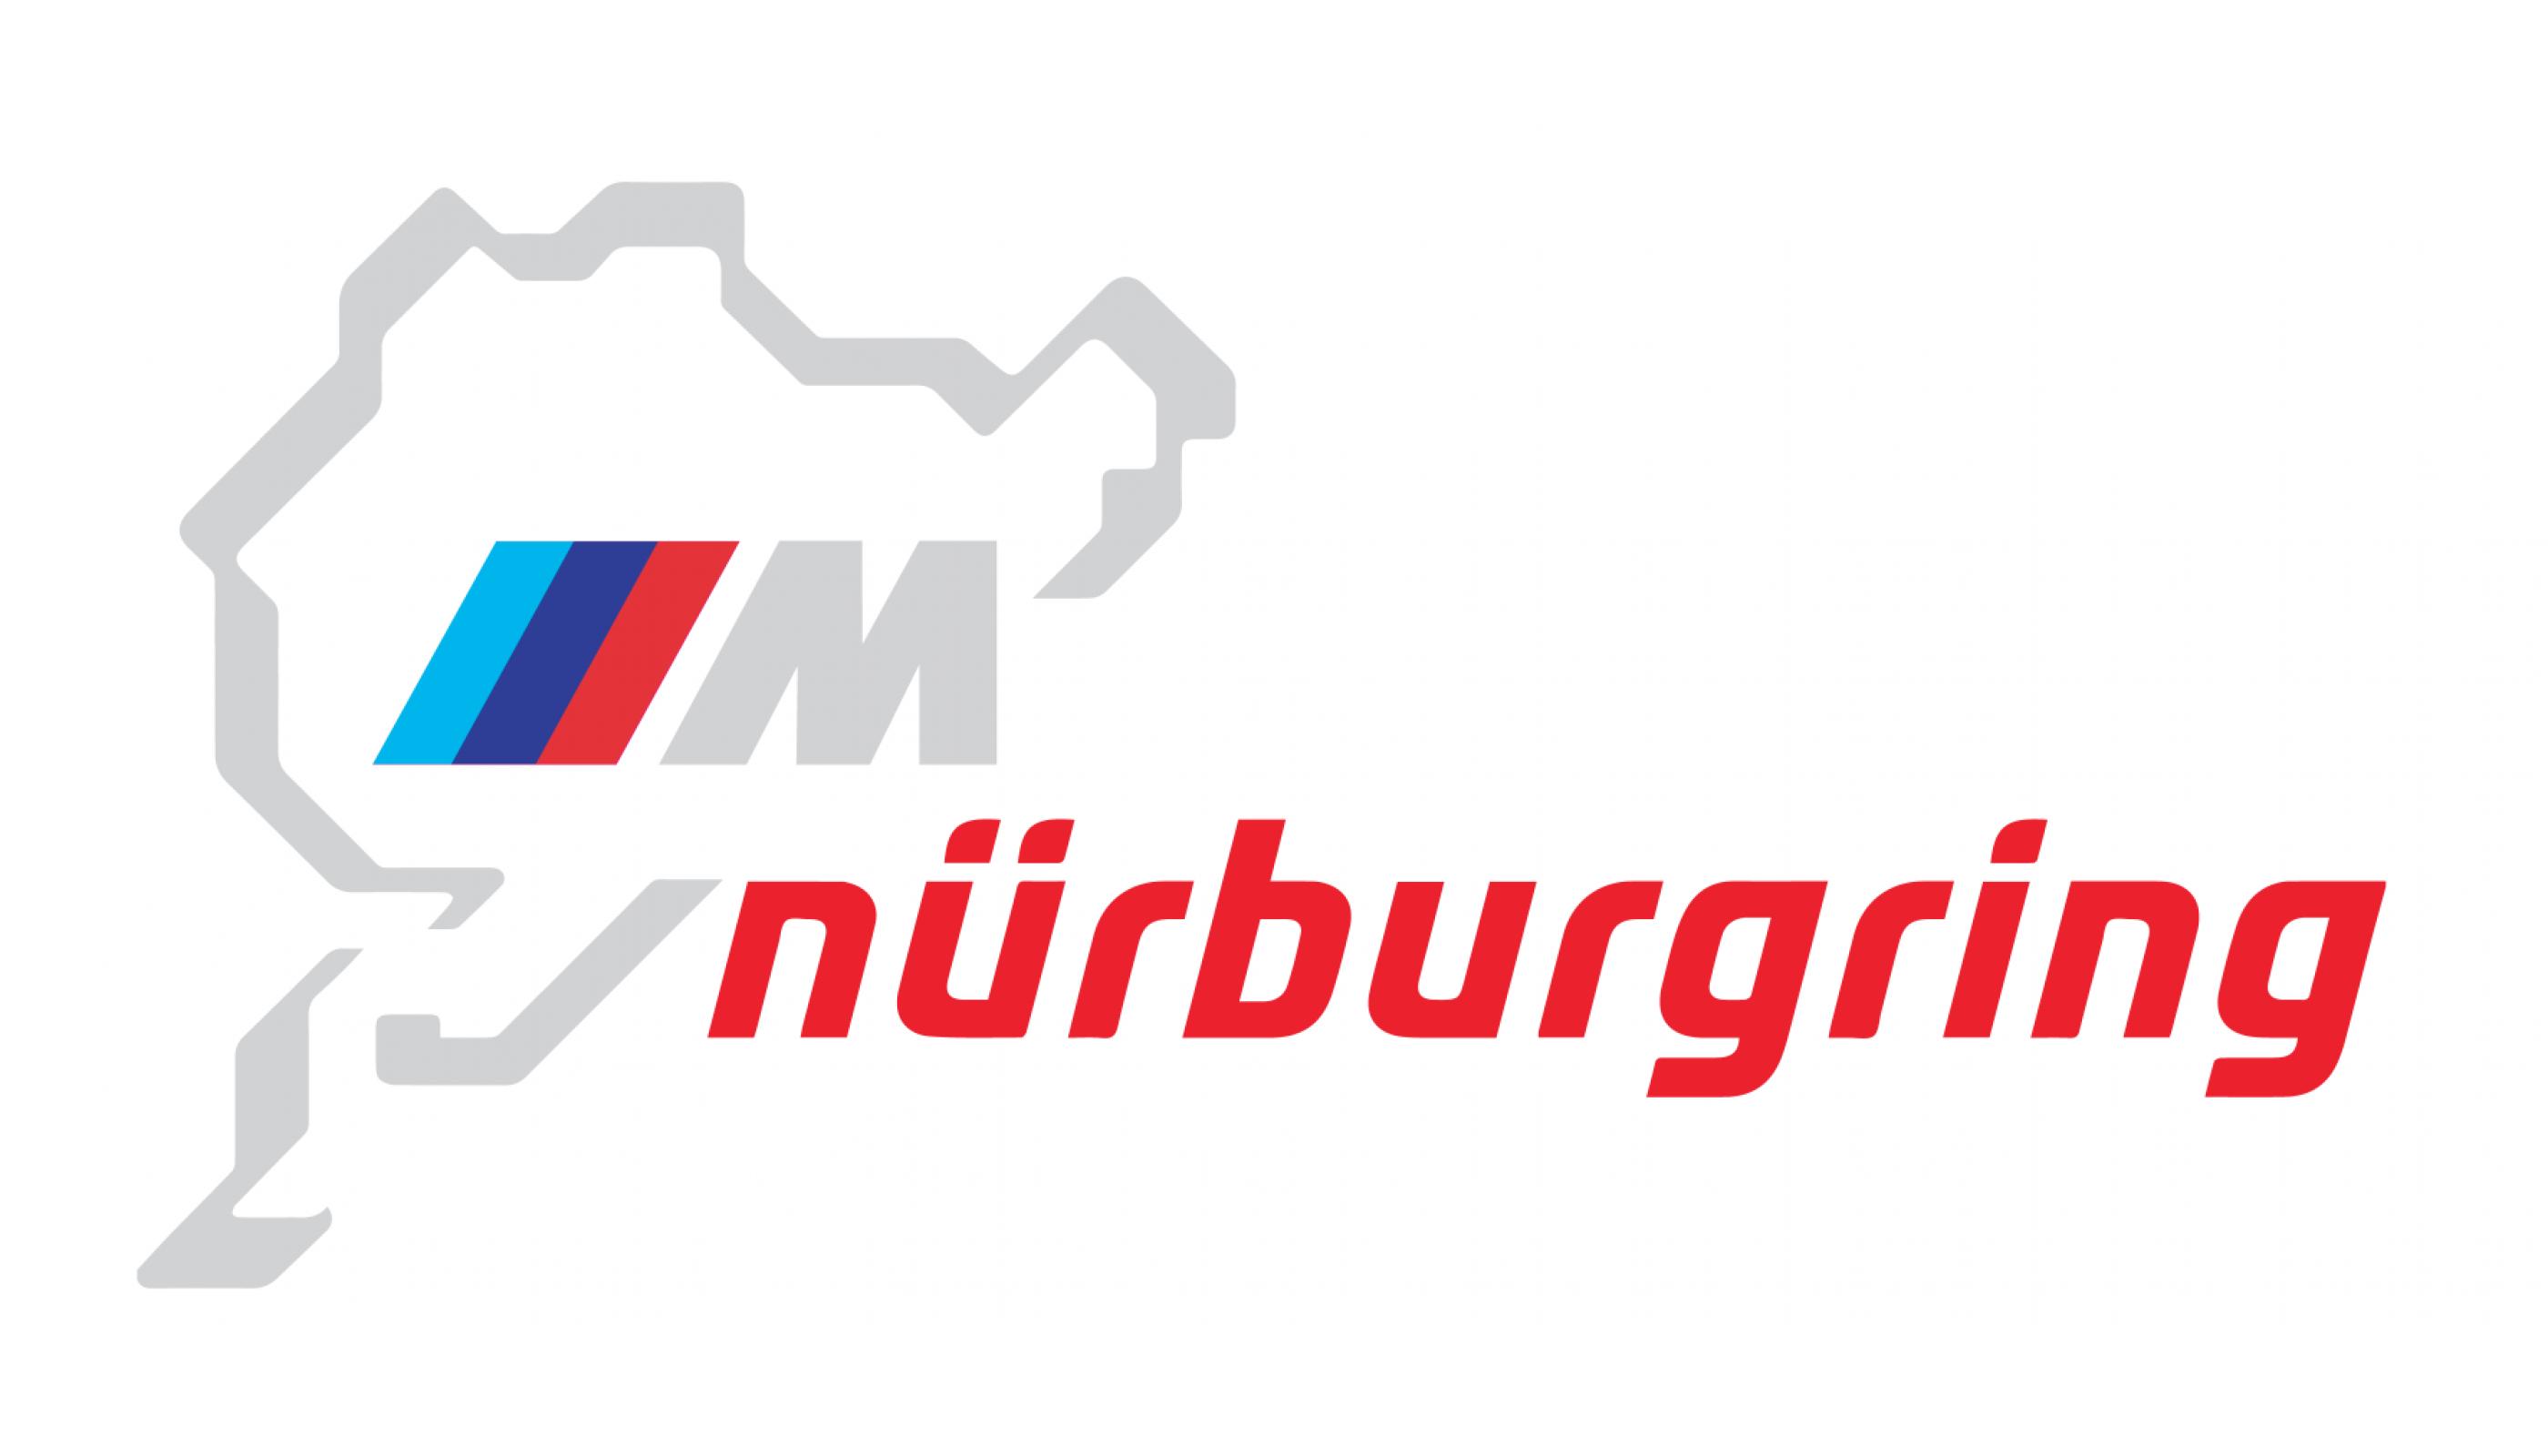 BMW Nurburgring tack decal